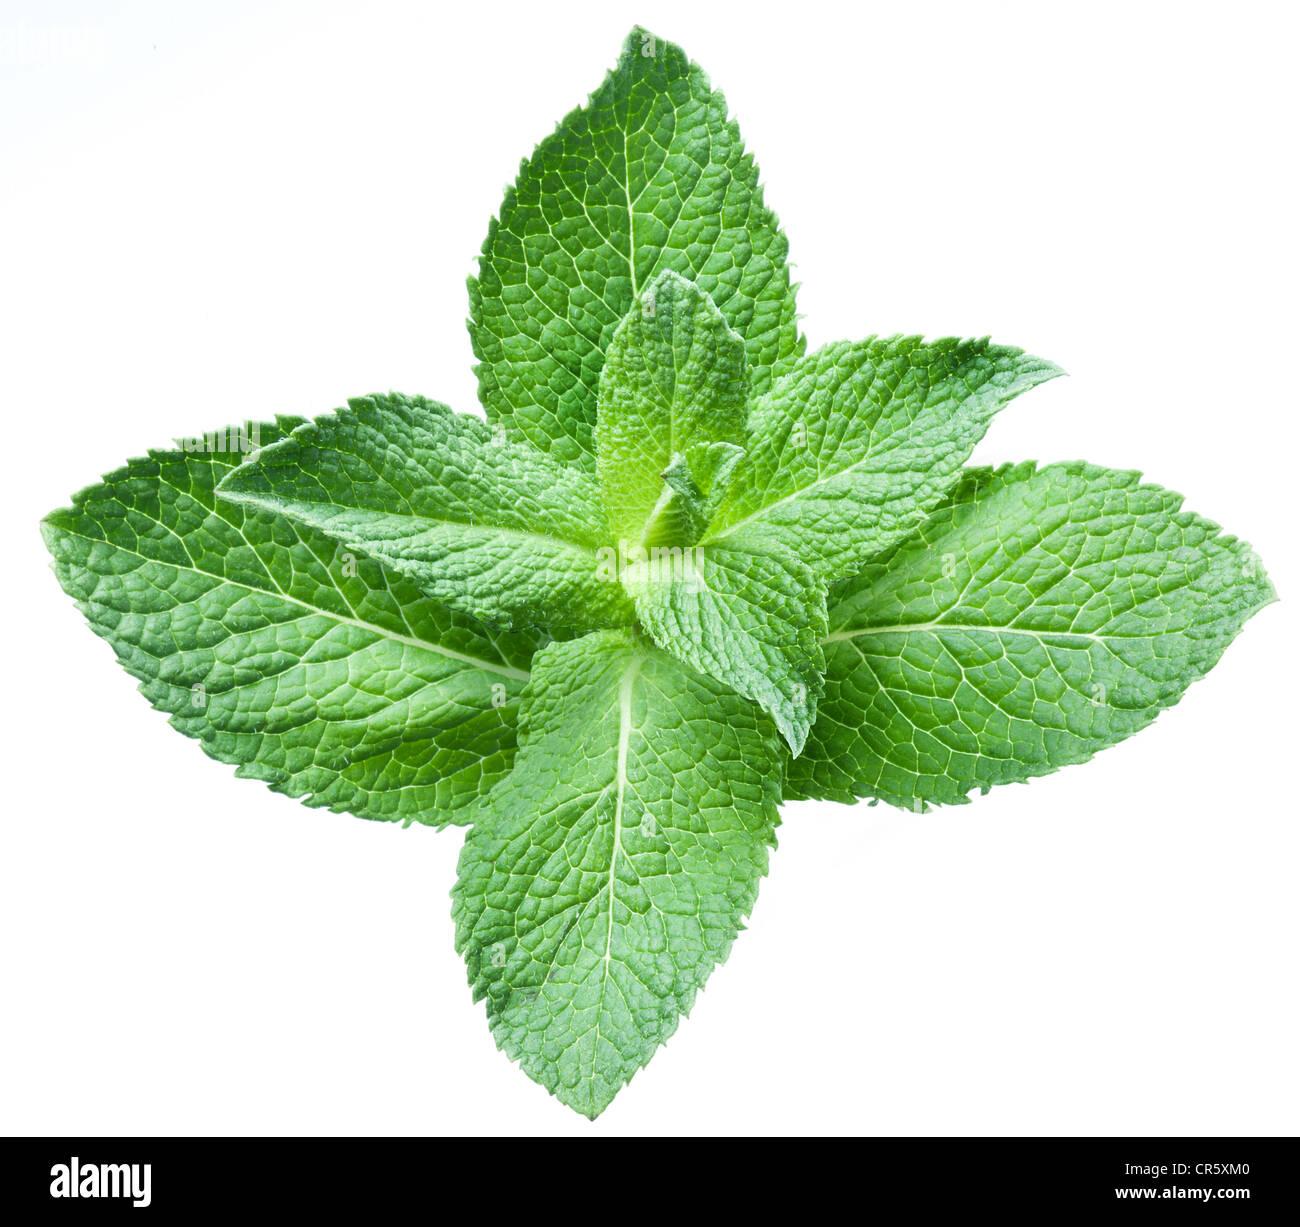 Blätter der Minze auf einem weißen Hintergrund Stockbild